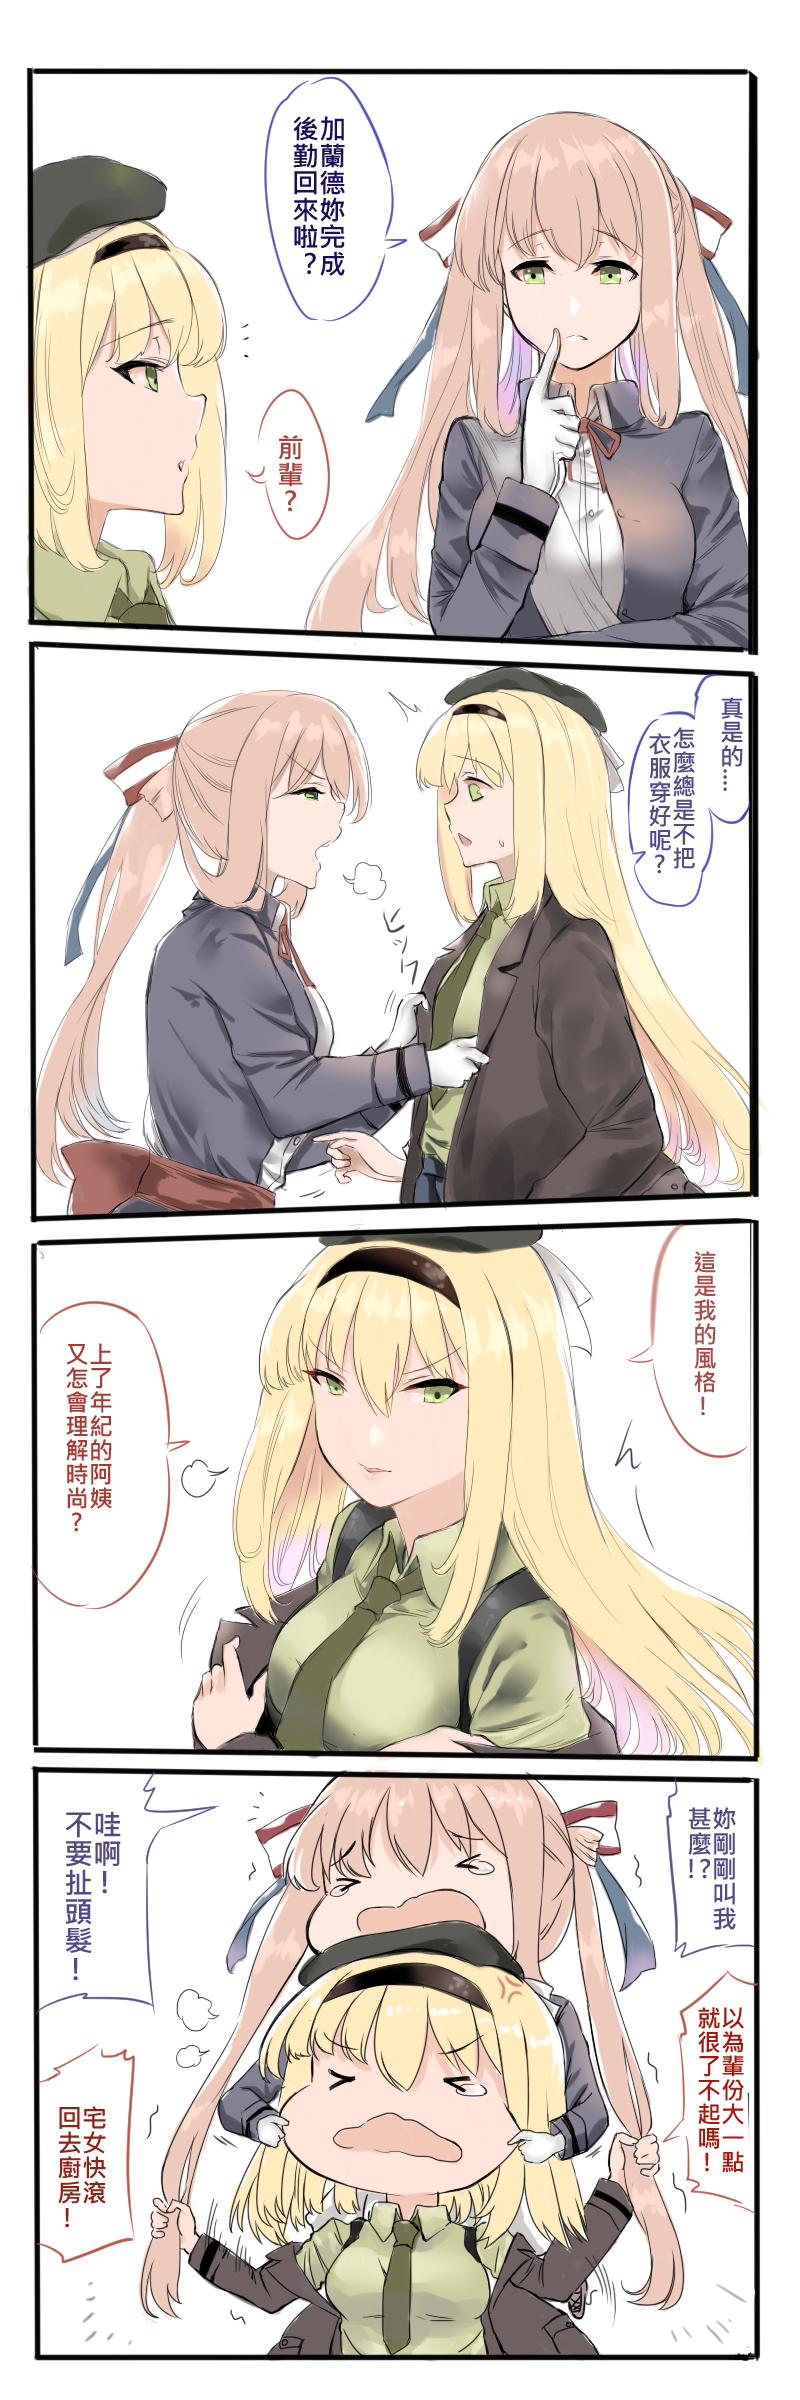 st 15 frontline girls ar Naruto and kaguya fanfiction lemon